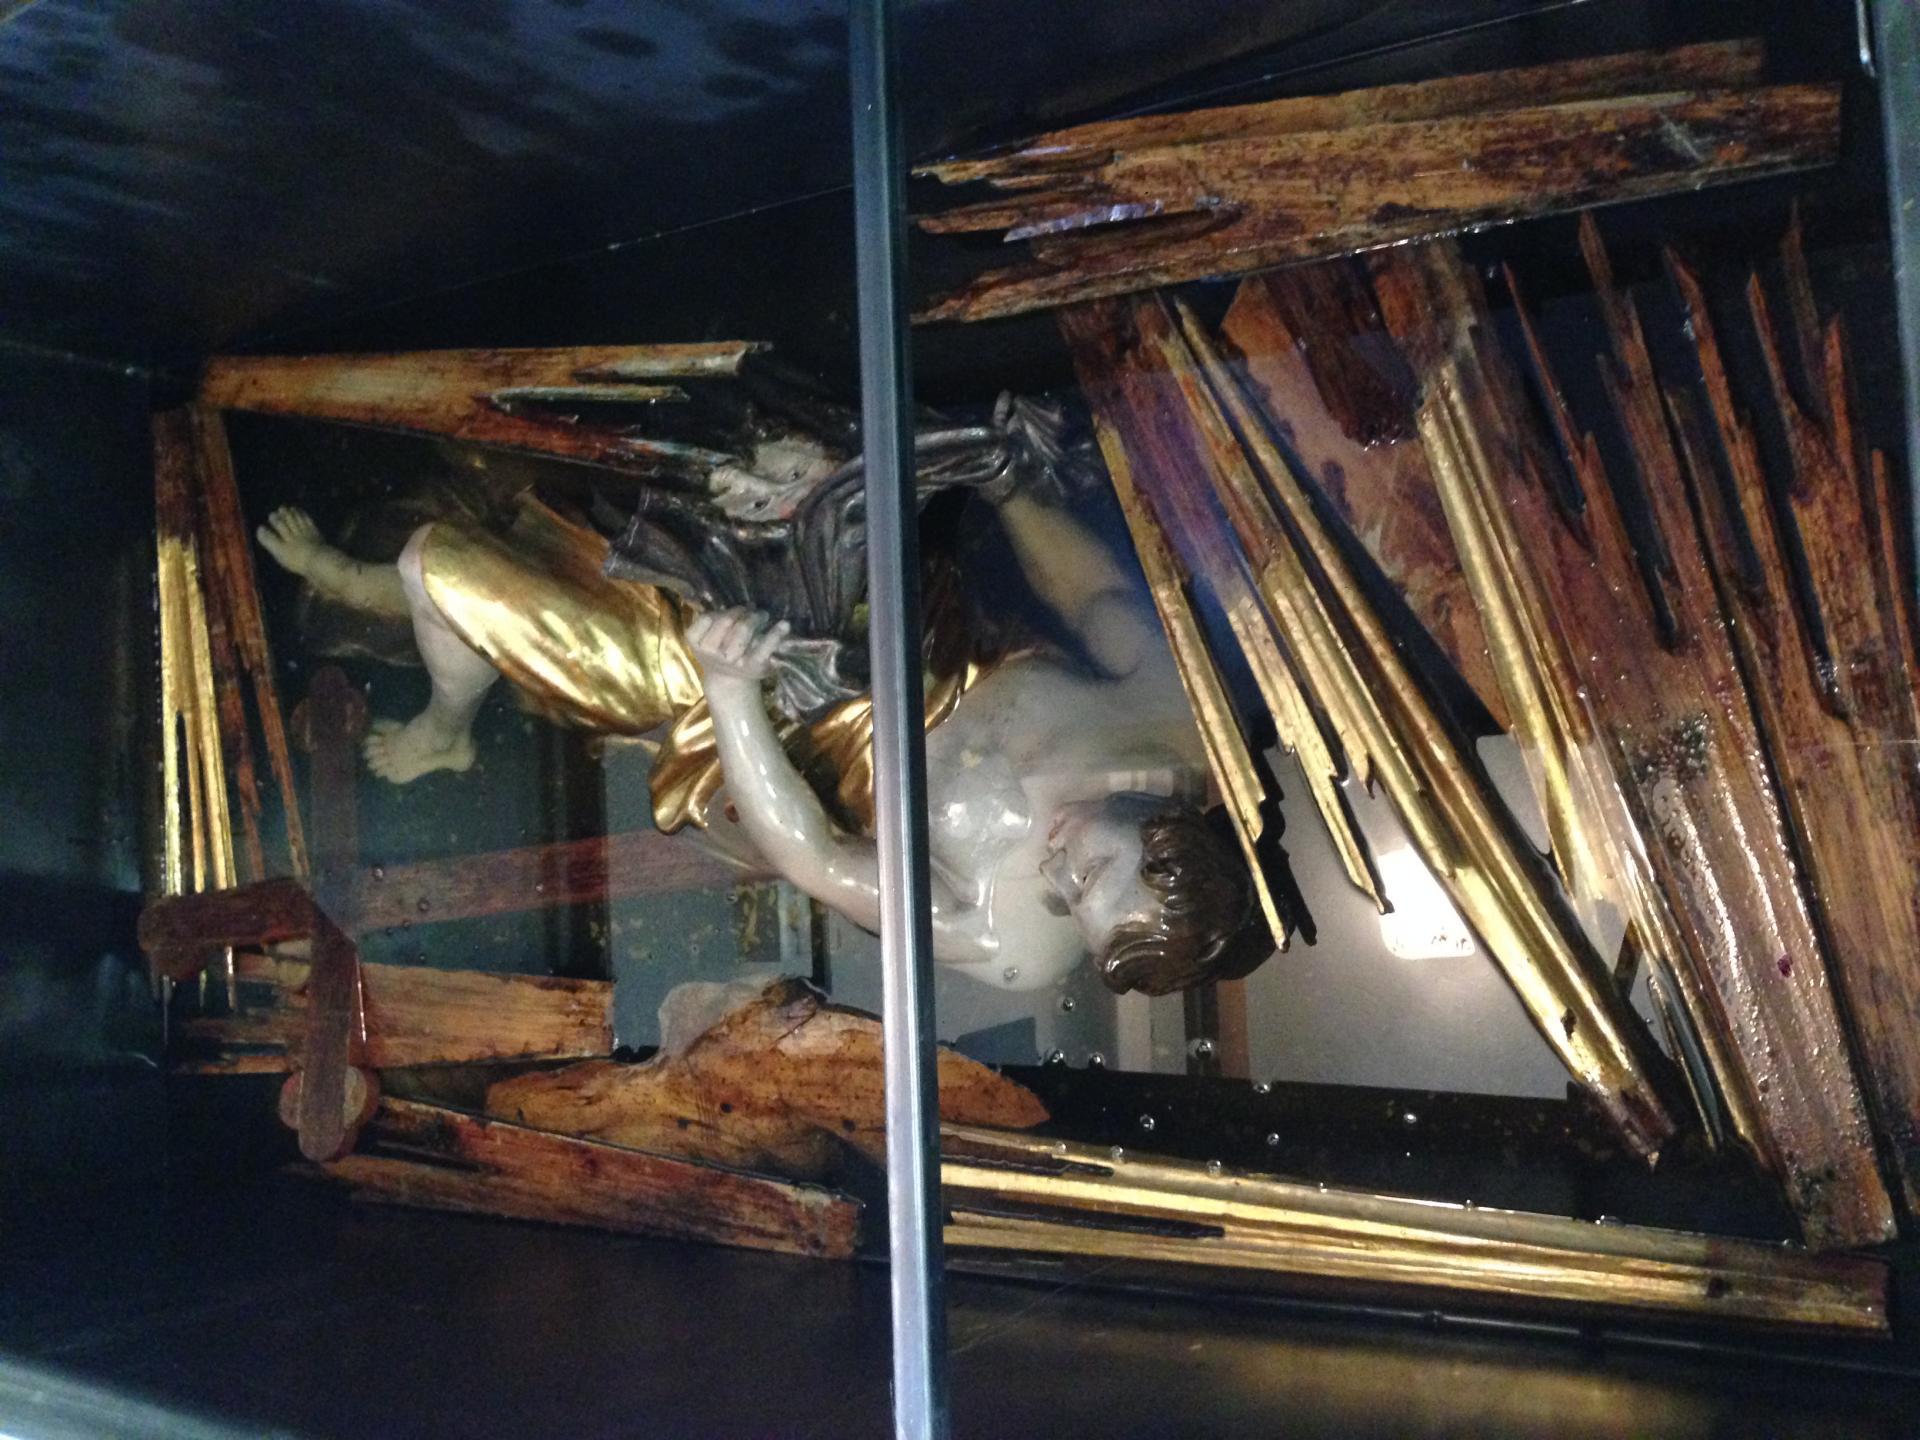 Oltár ukrižovania - petrifikovanie sochárskej výzdoby